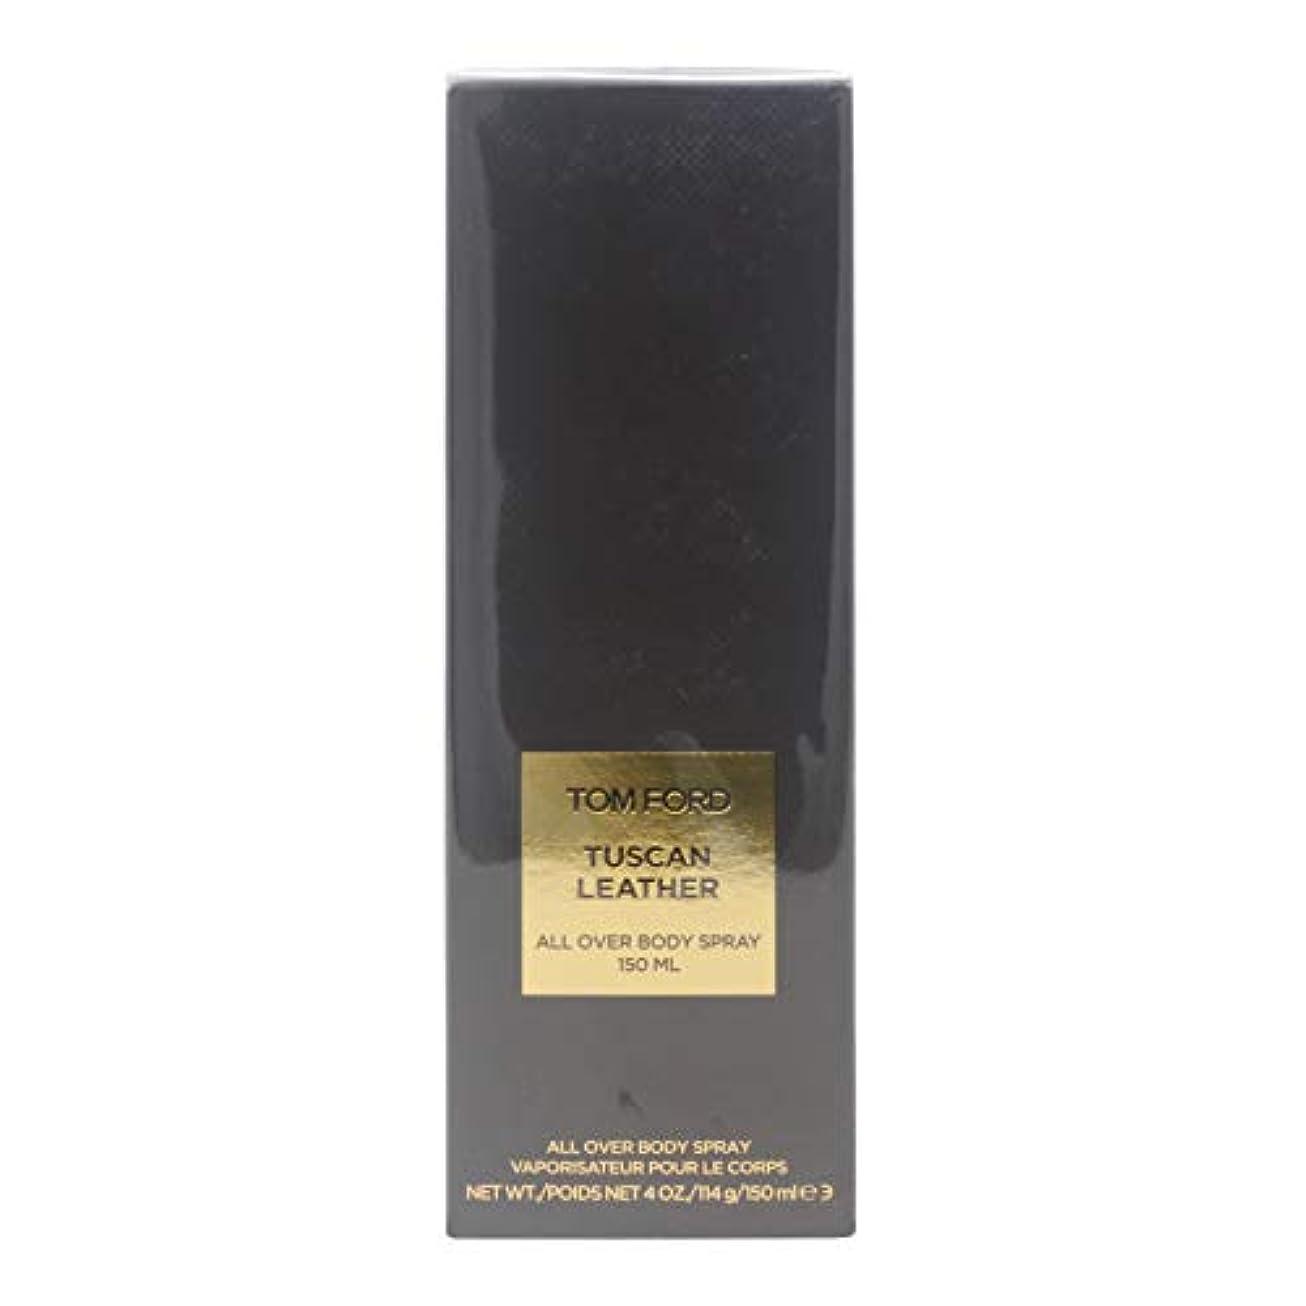 召集する代替案市民権Tom Ford Private Blend 'Tuscan Leather' (トムフォード プライベートブレンド トスカンレザー) 5.0 oz (150ml) All Over Body Spray